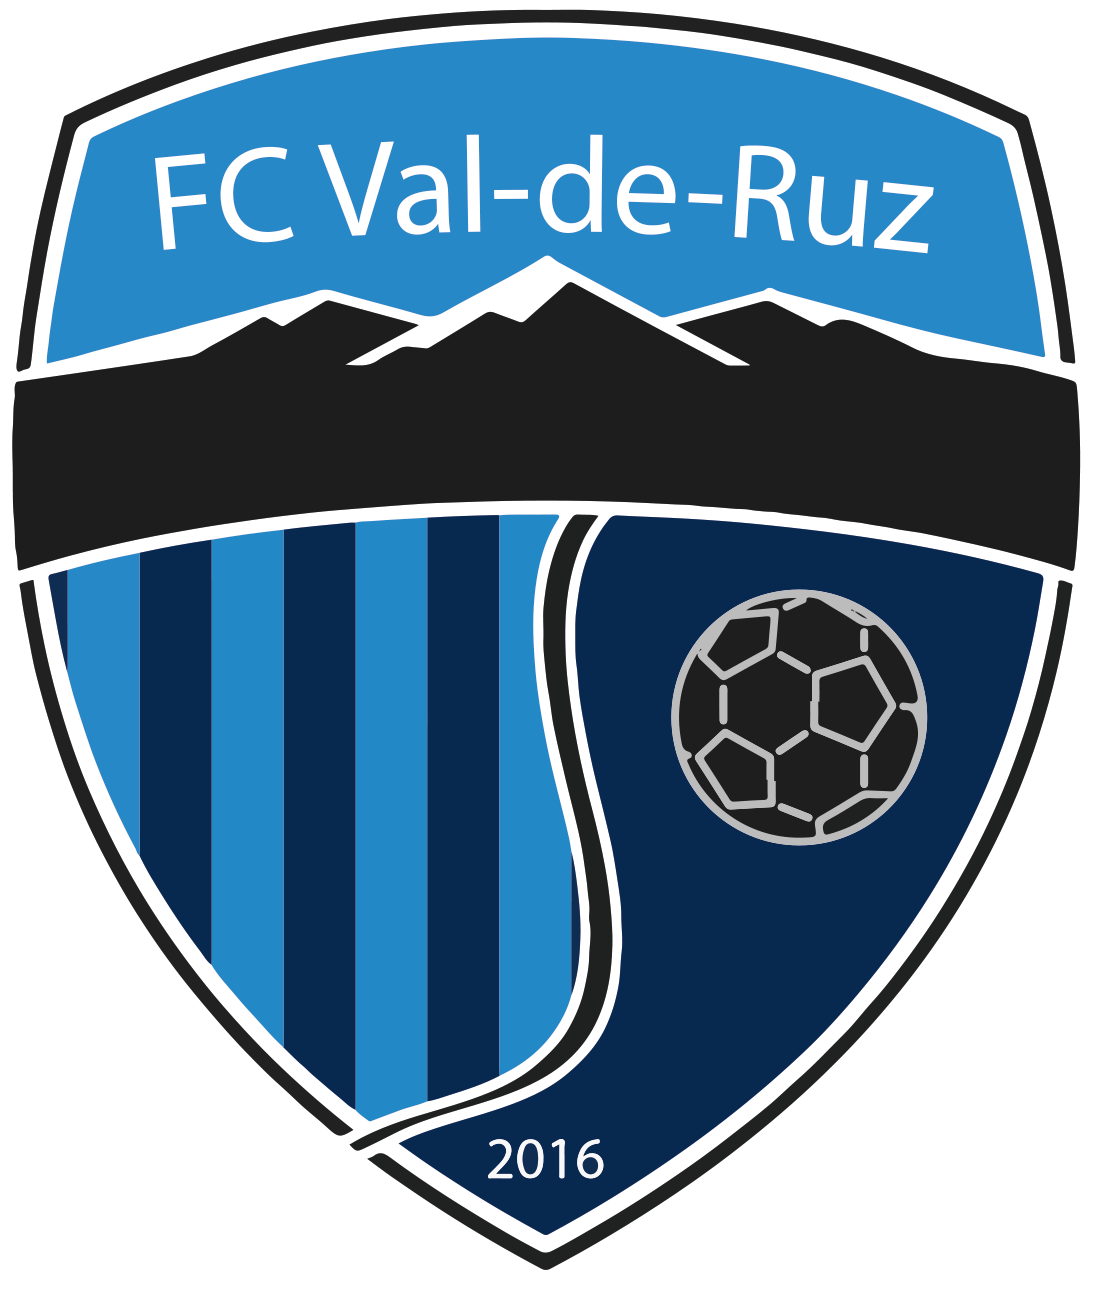 FC Val-de-Ruz